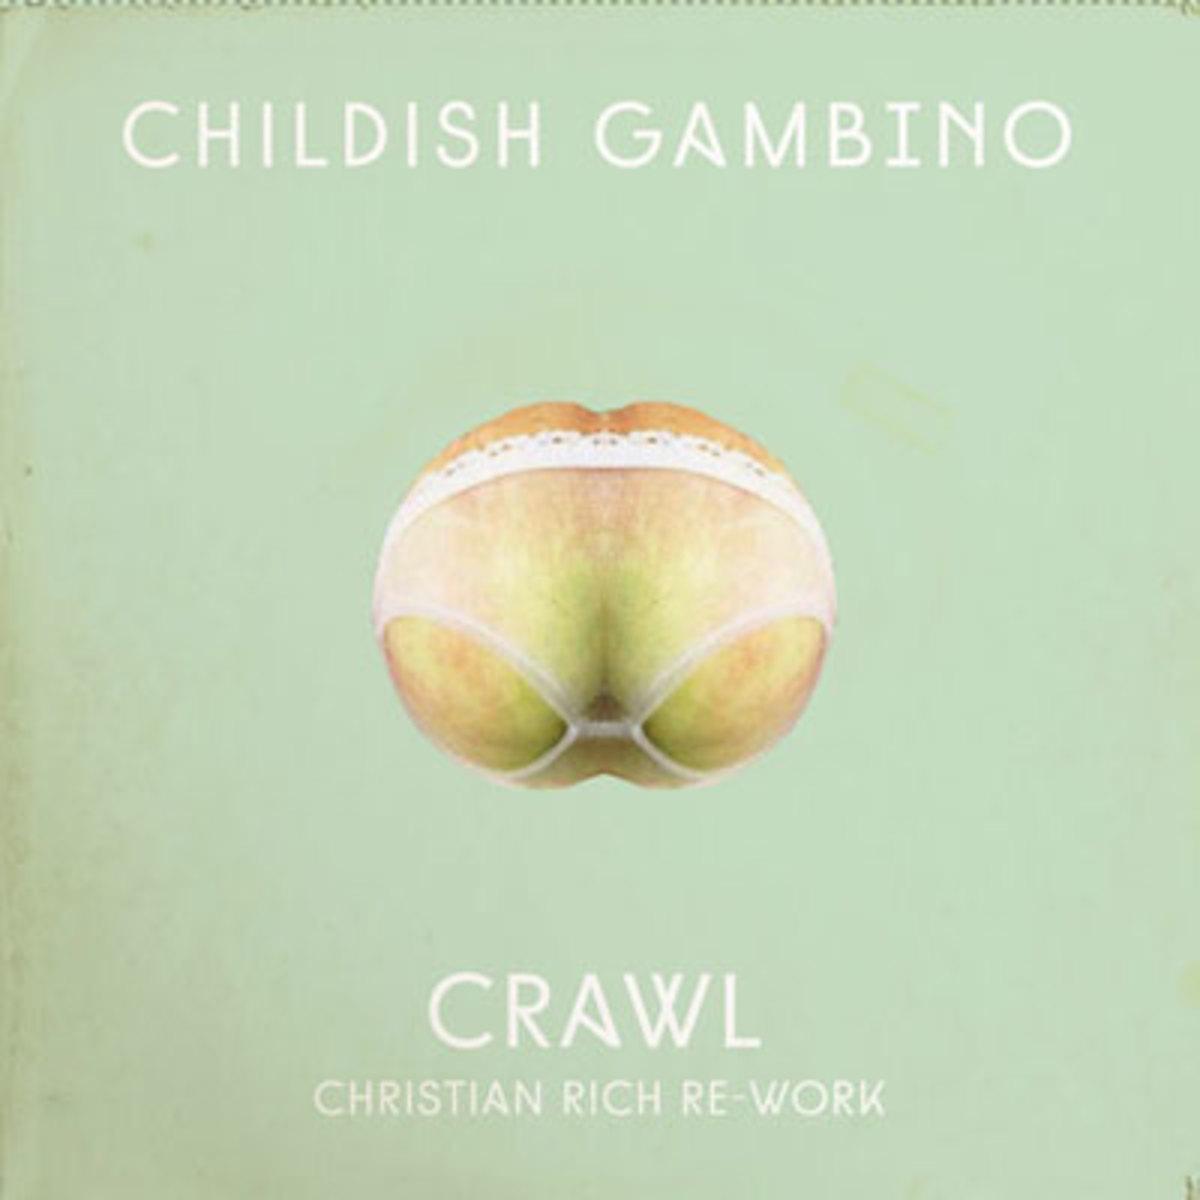 childishgambino-crawlrmx.jpg